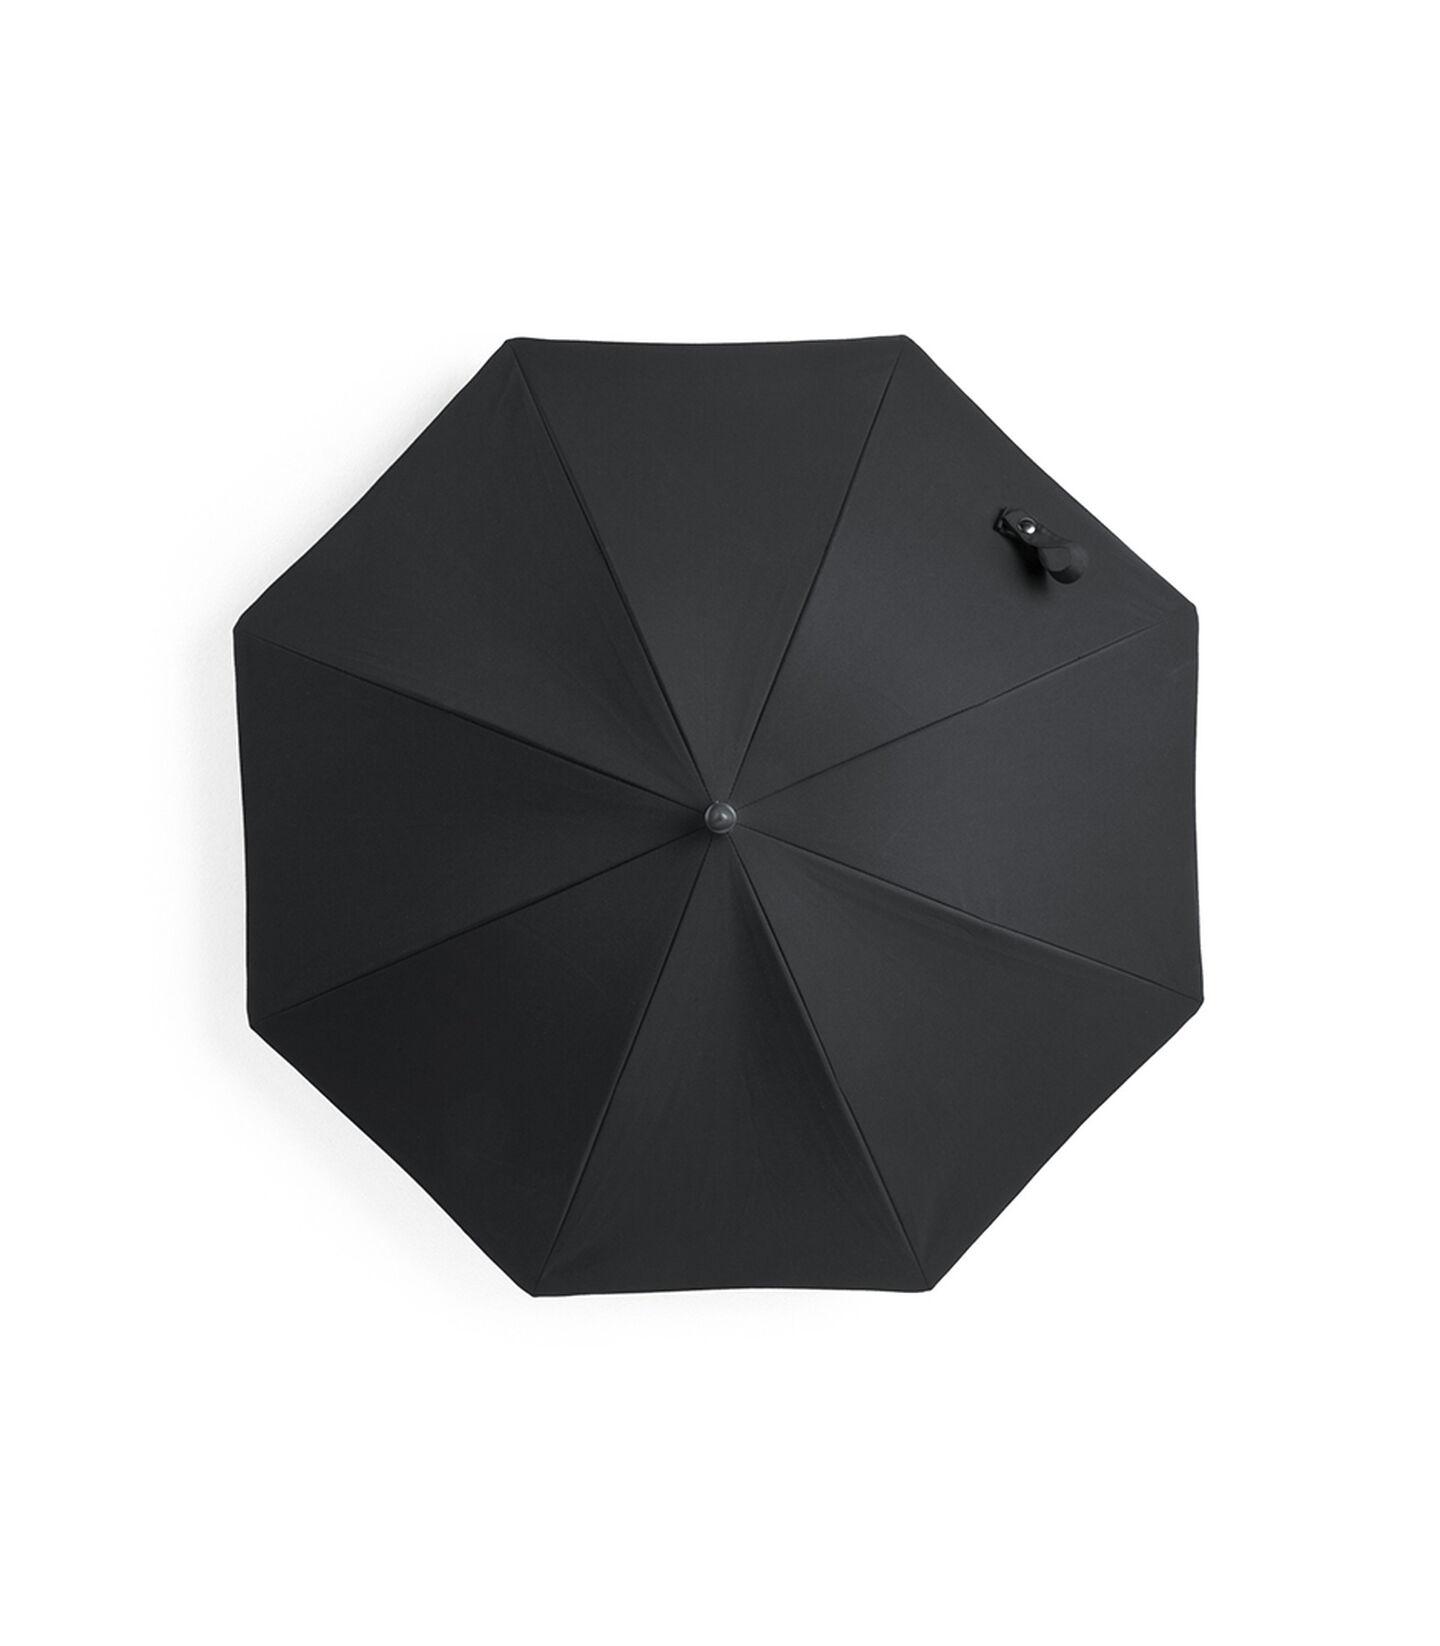 Stokke® Xplory® Black Parasol Black, Black, mainview view 1